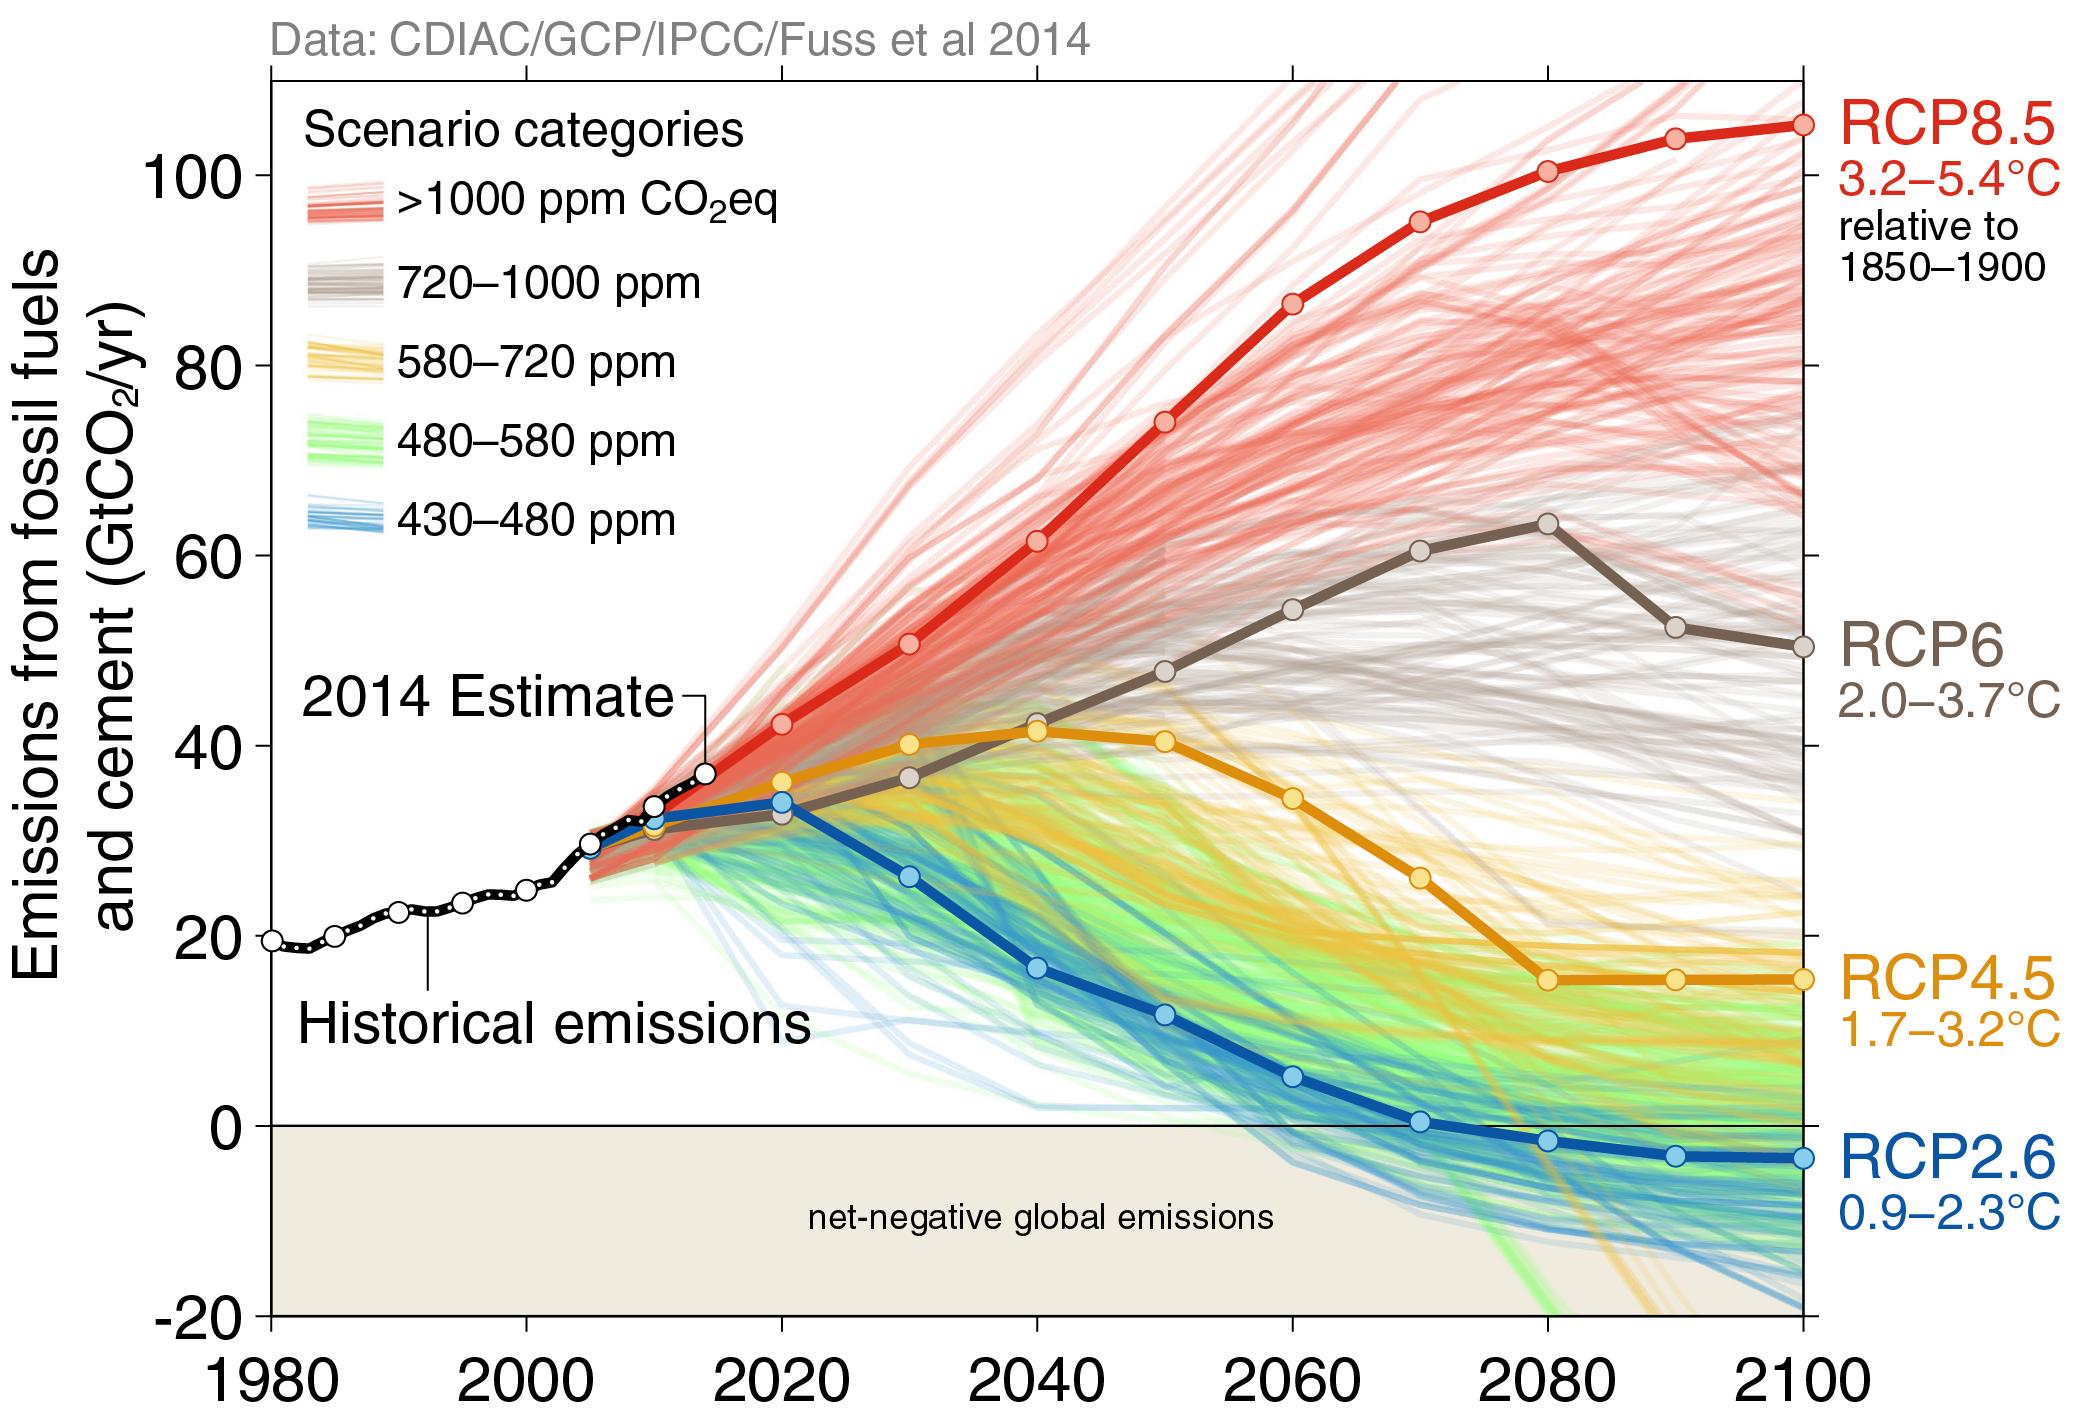 Emission Co2 scenario